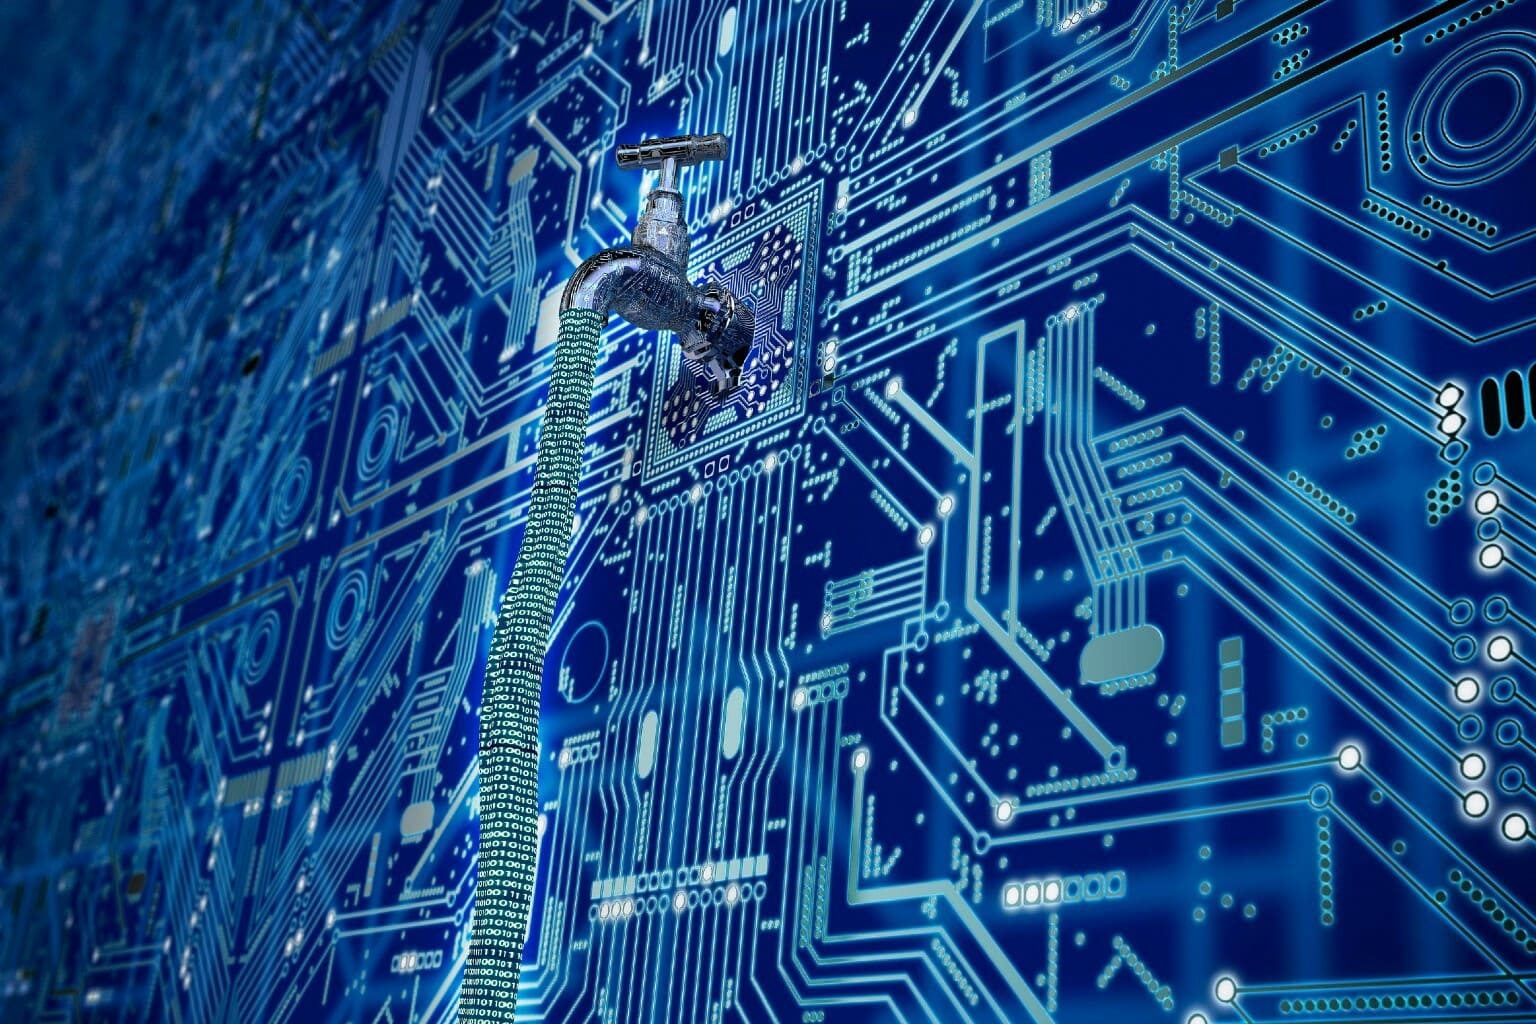 kraan waaruit digitale data lekt